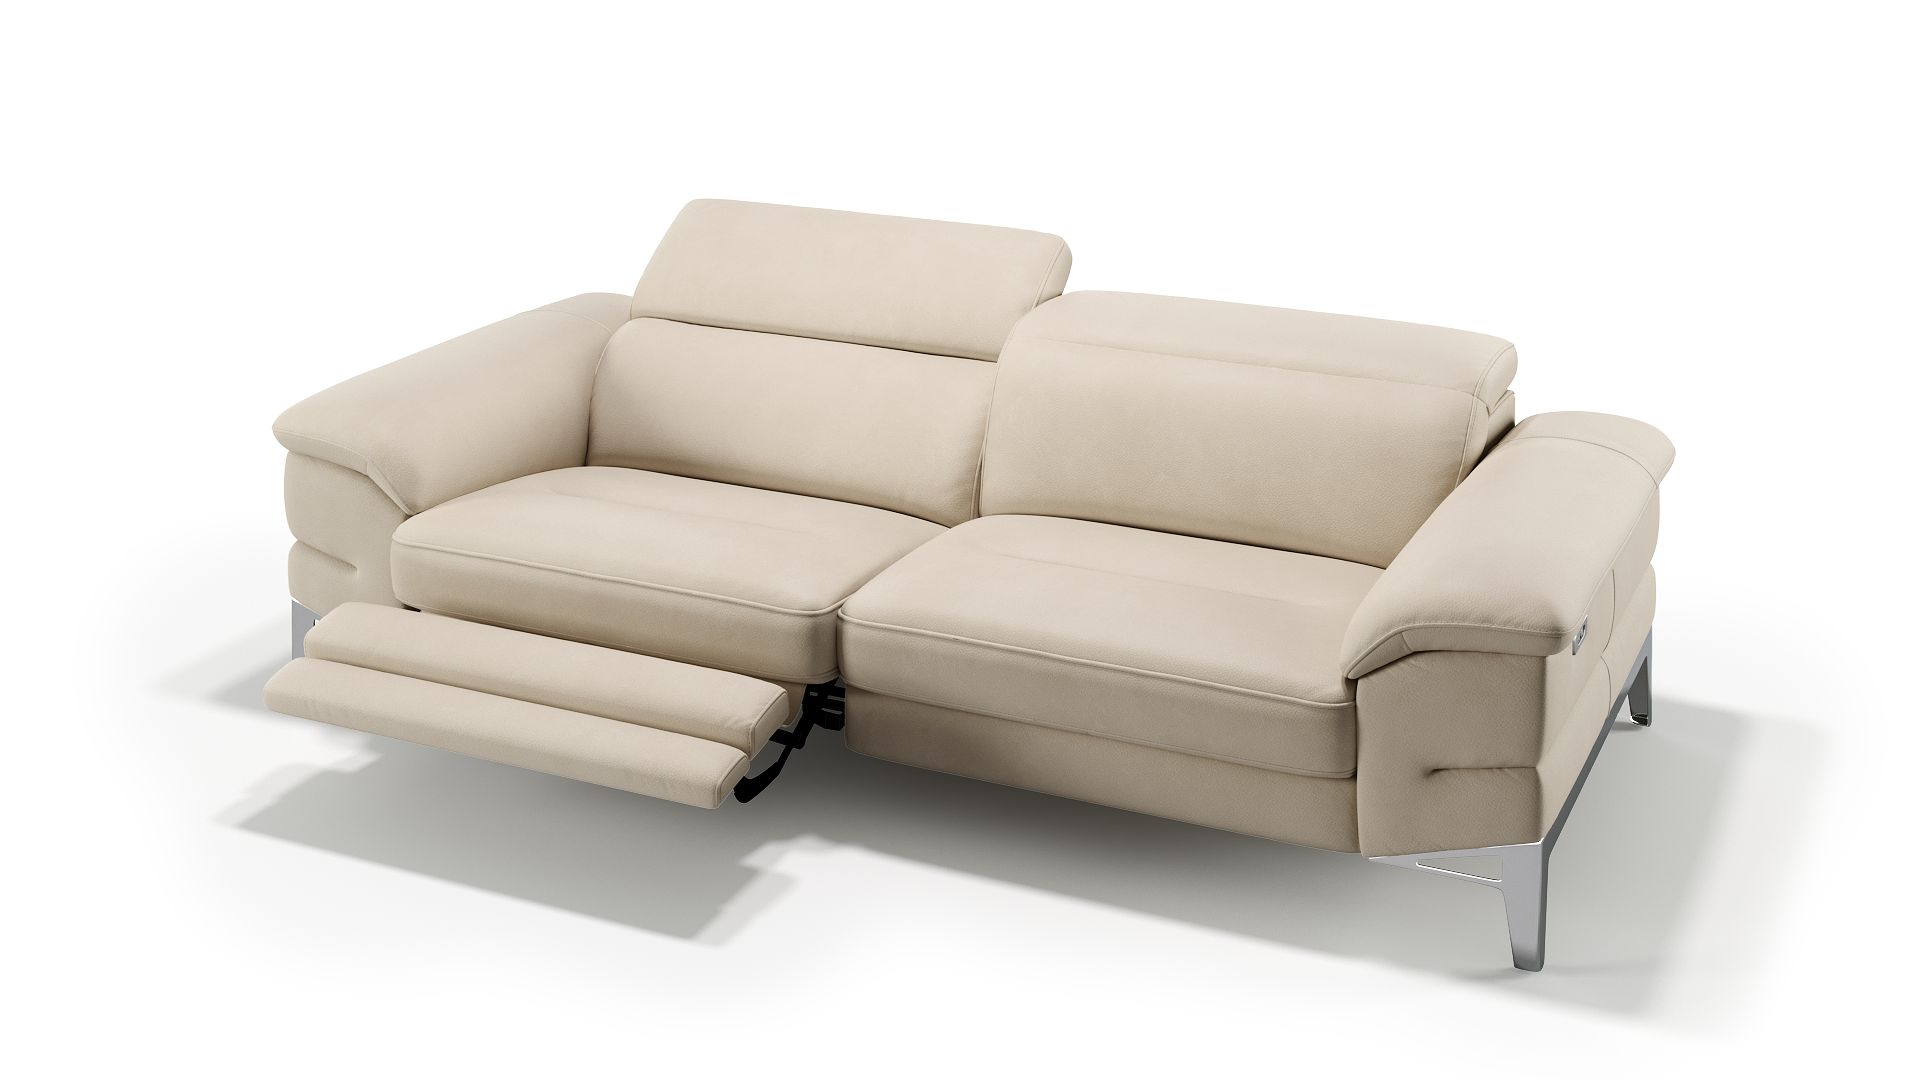 Leder 3-Sitzer Sofa MARANELLO